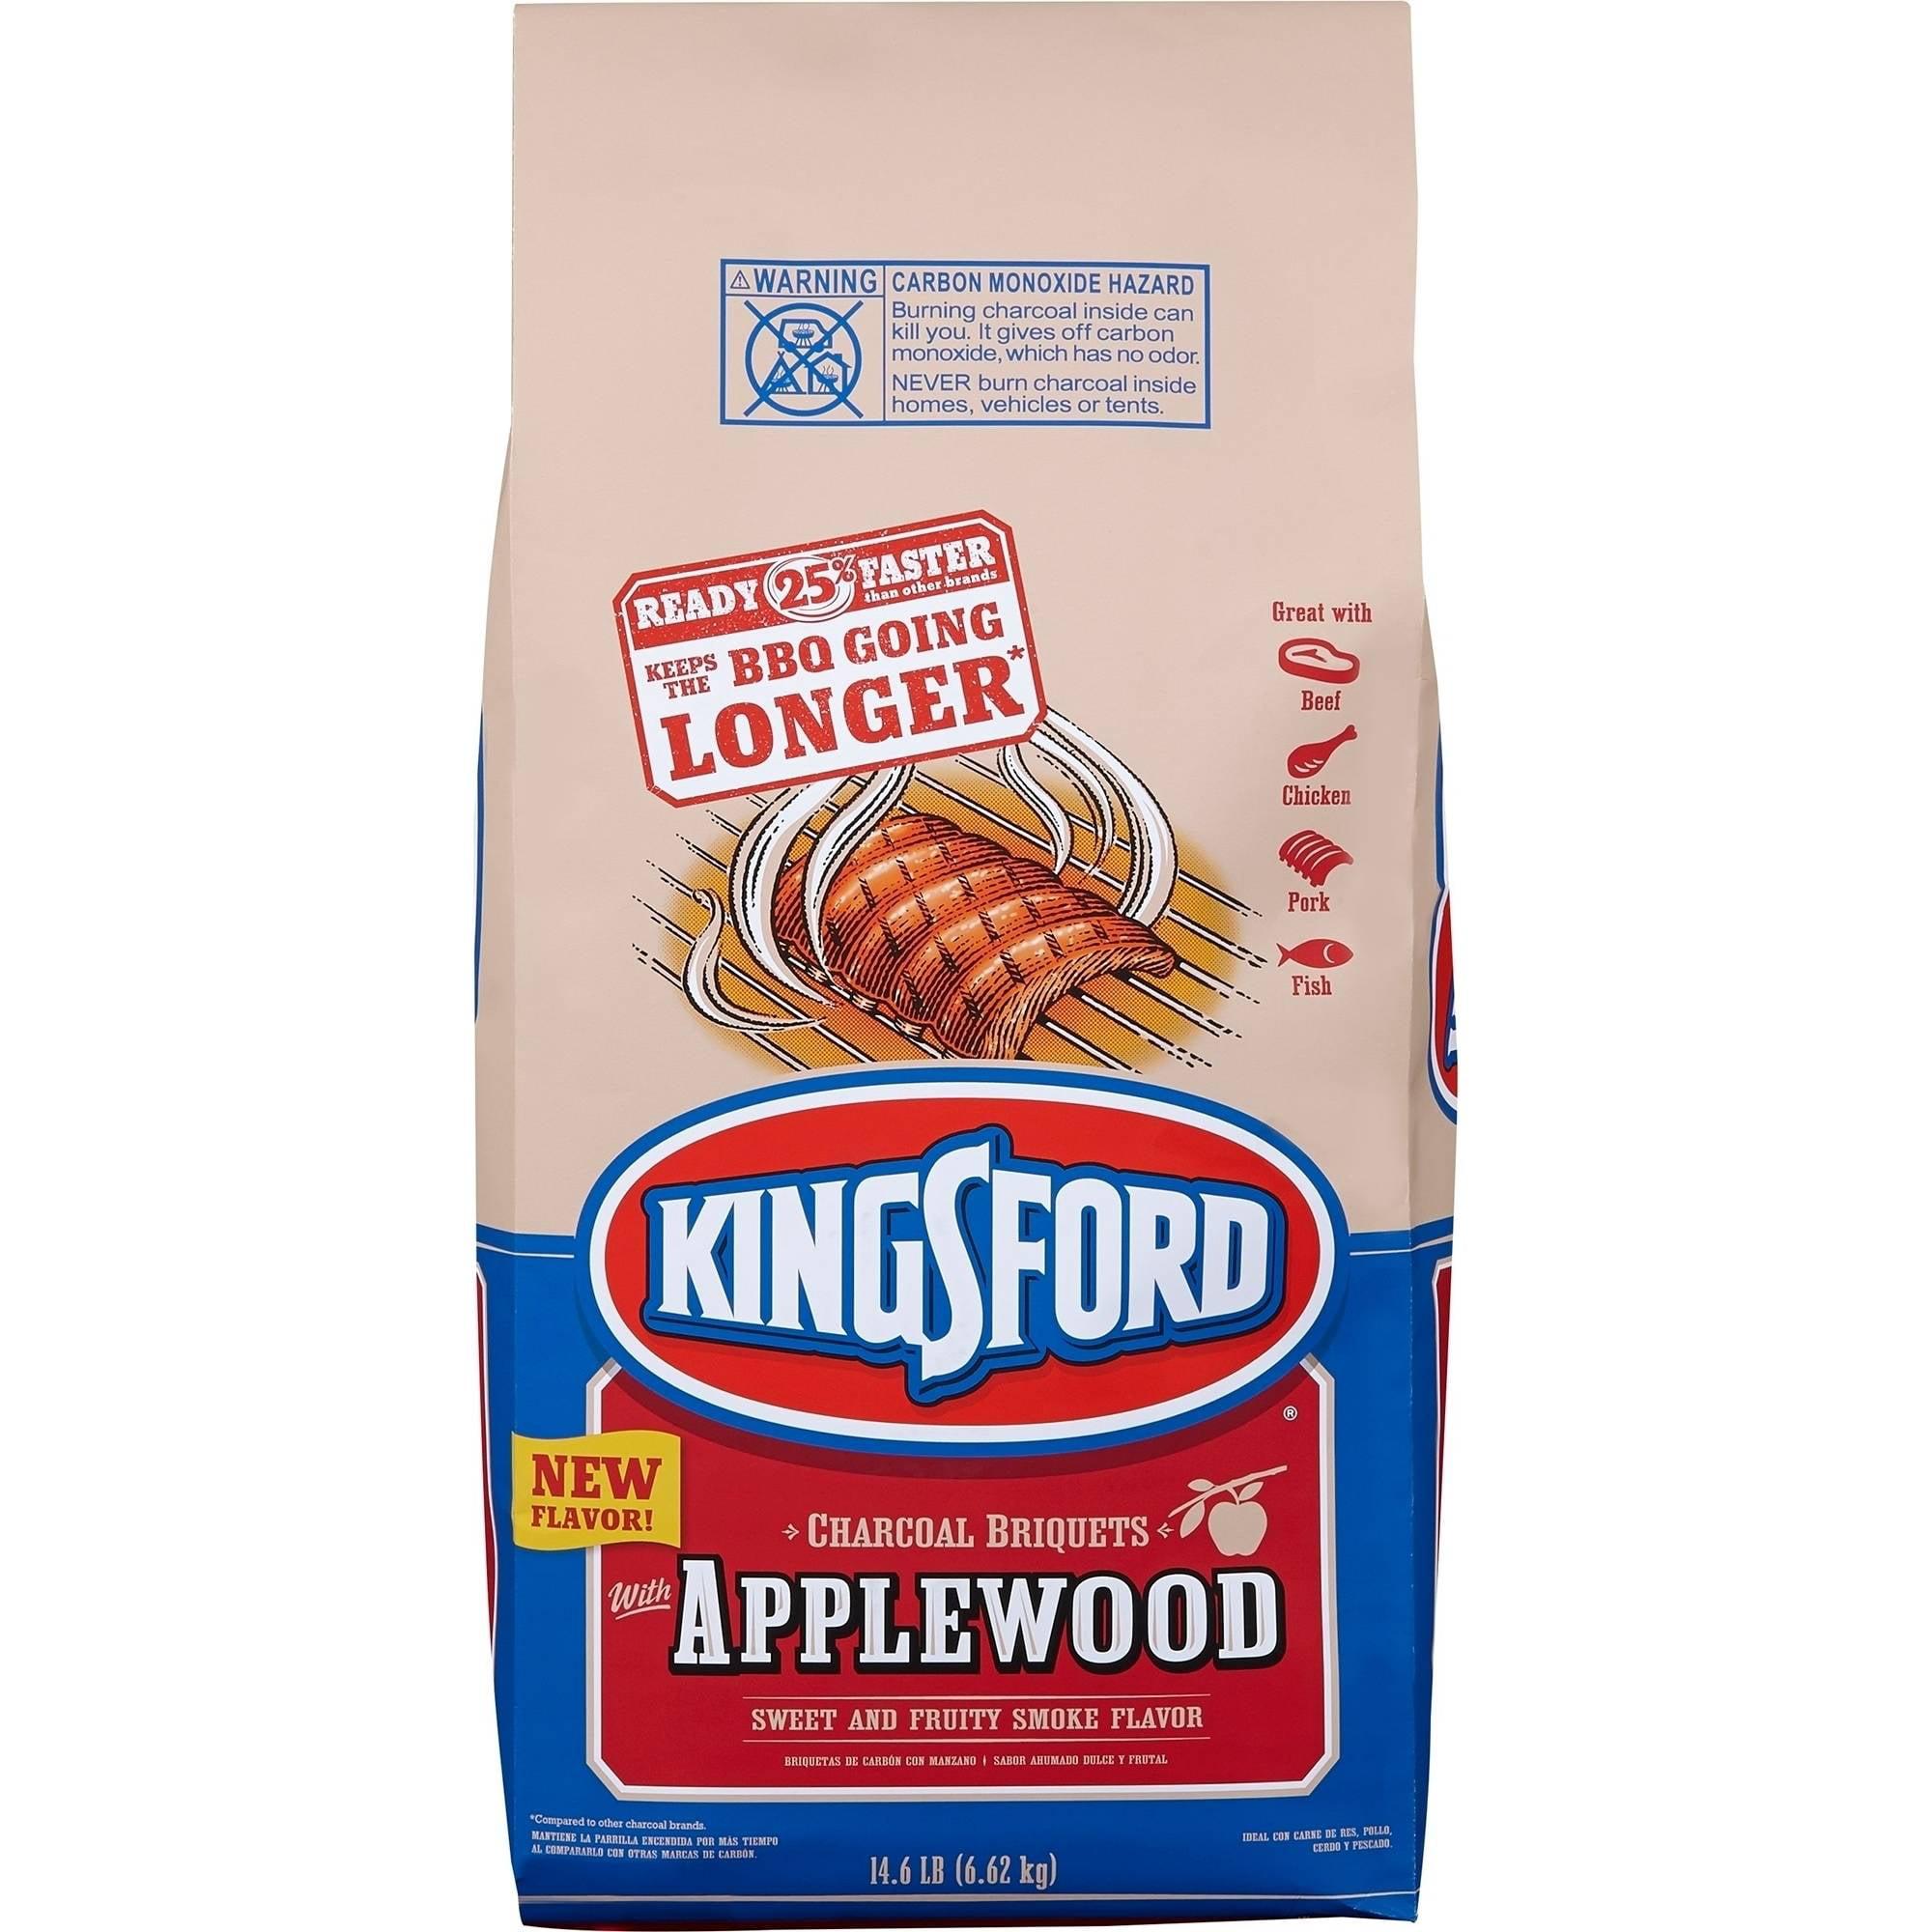 Kingsford Charcoal Briquets, Applewood, 14.6 lb Bag